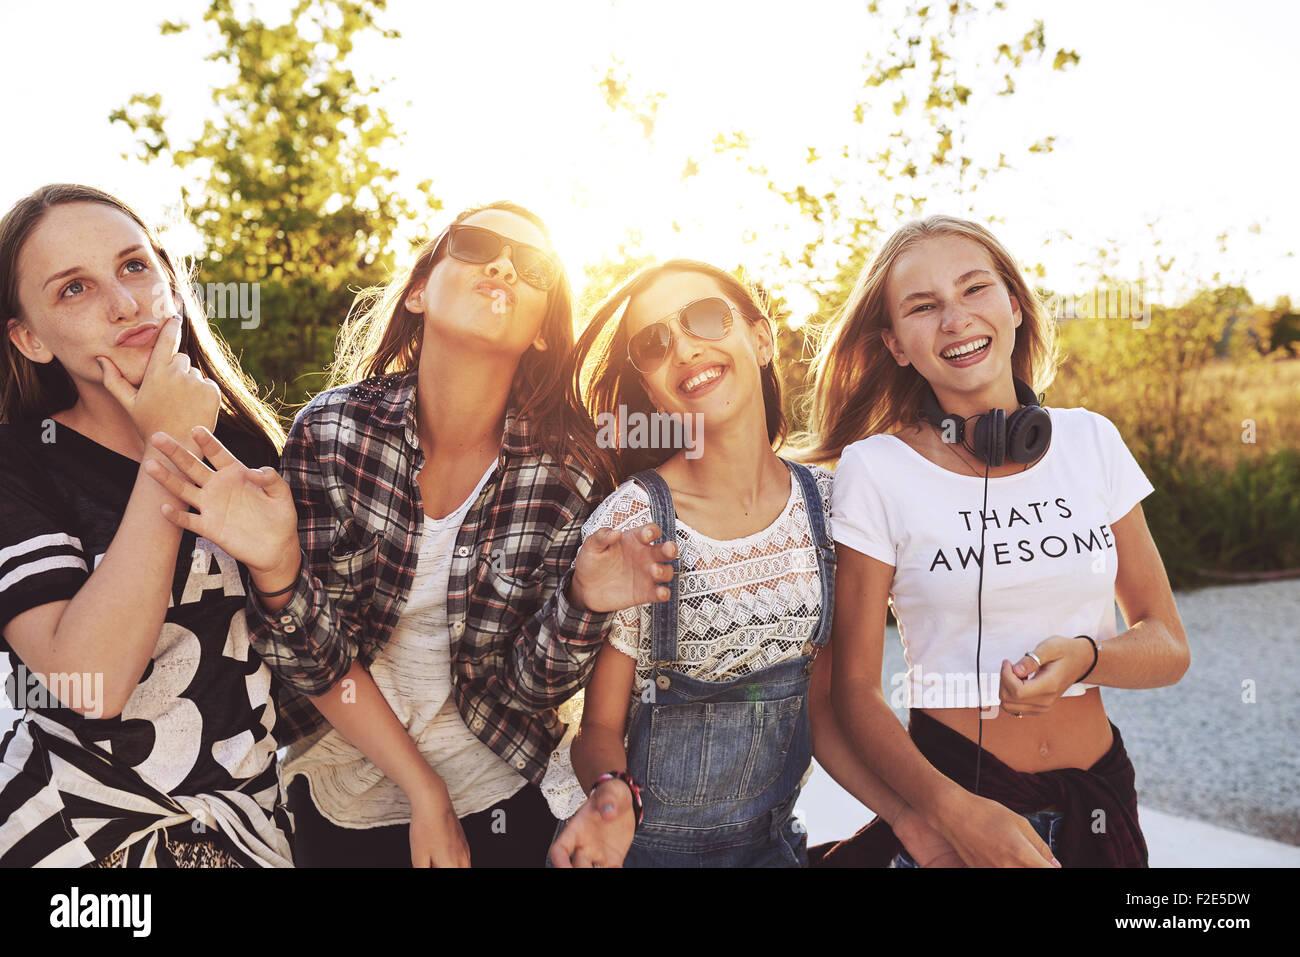 Gli adolescenti divertendosi in un giorno di estate, sun flare Immagini Stock